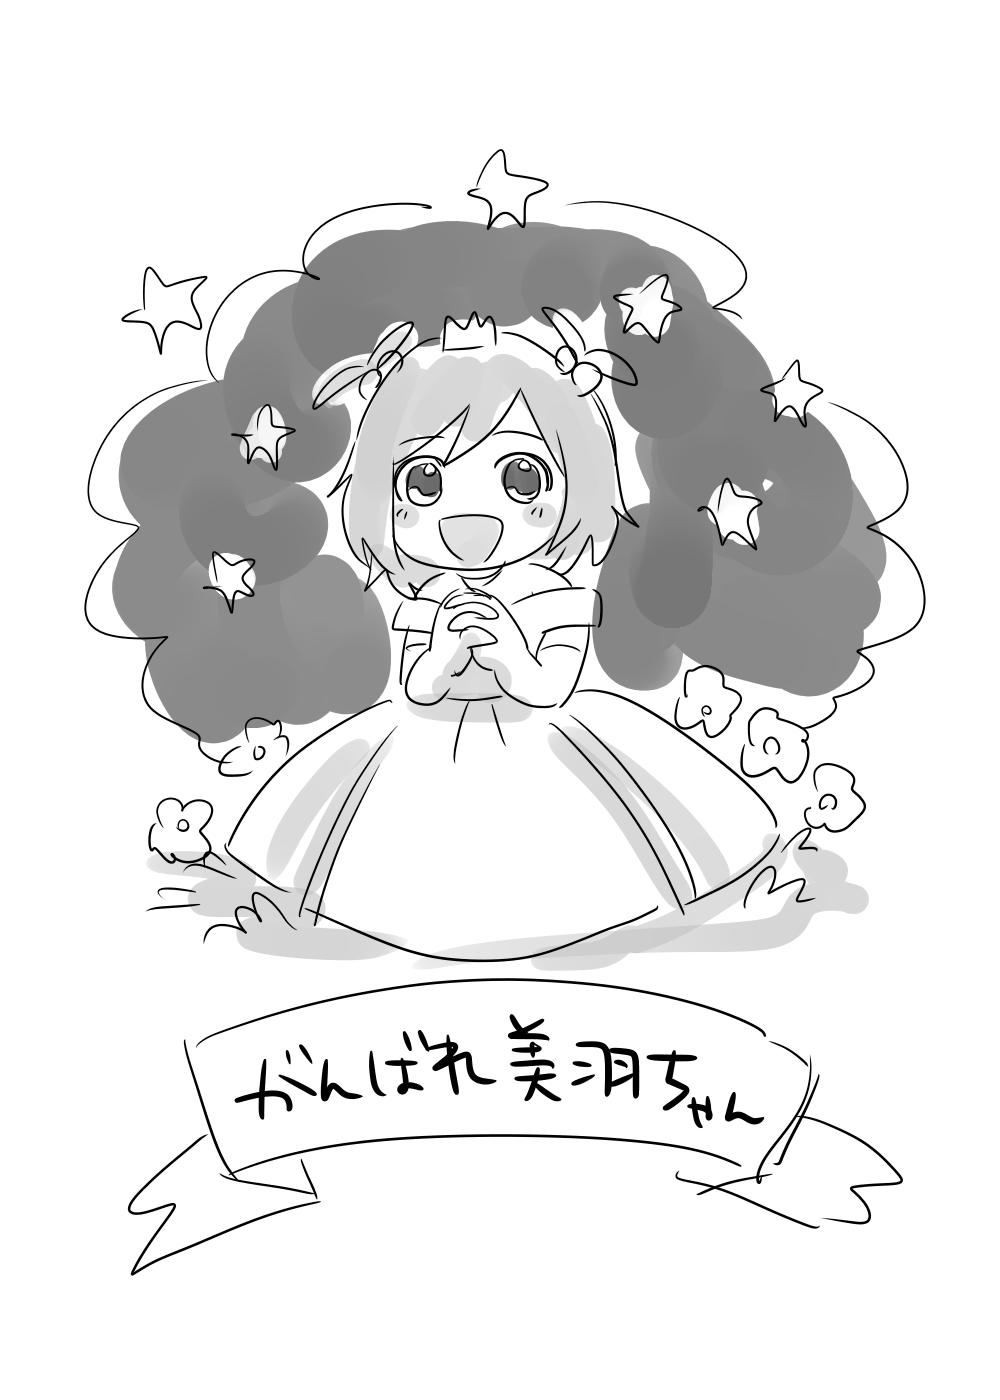 めしうまたろう/【ゆるキャラ大集合】がんばれ美羽ちゃん